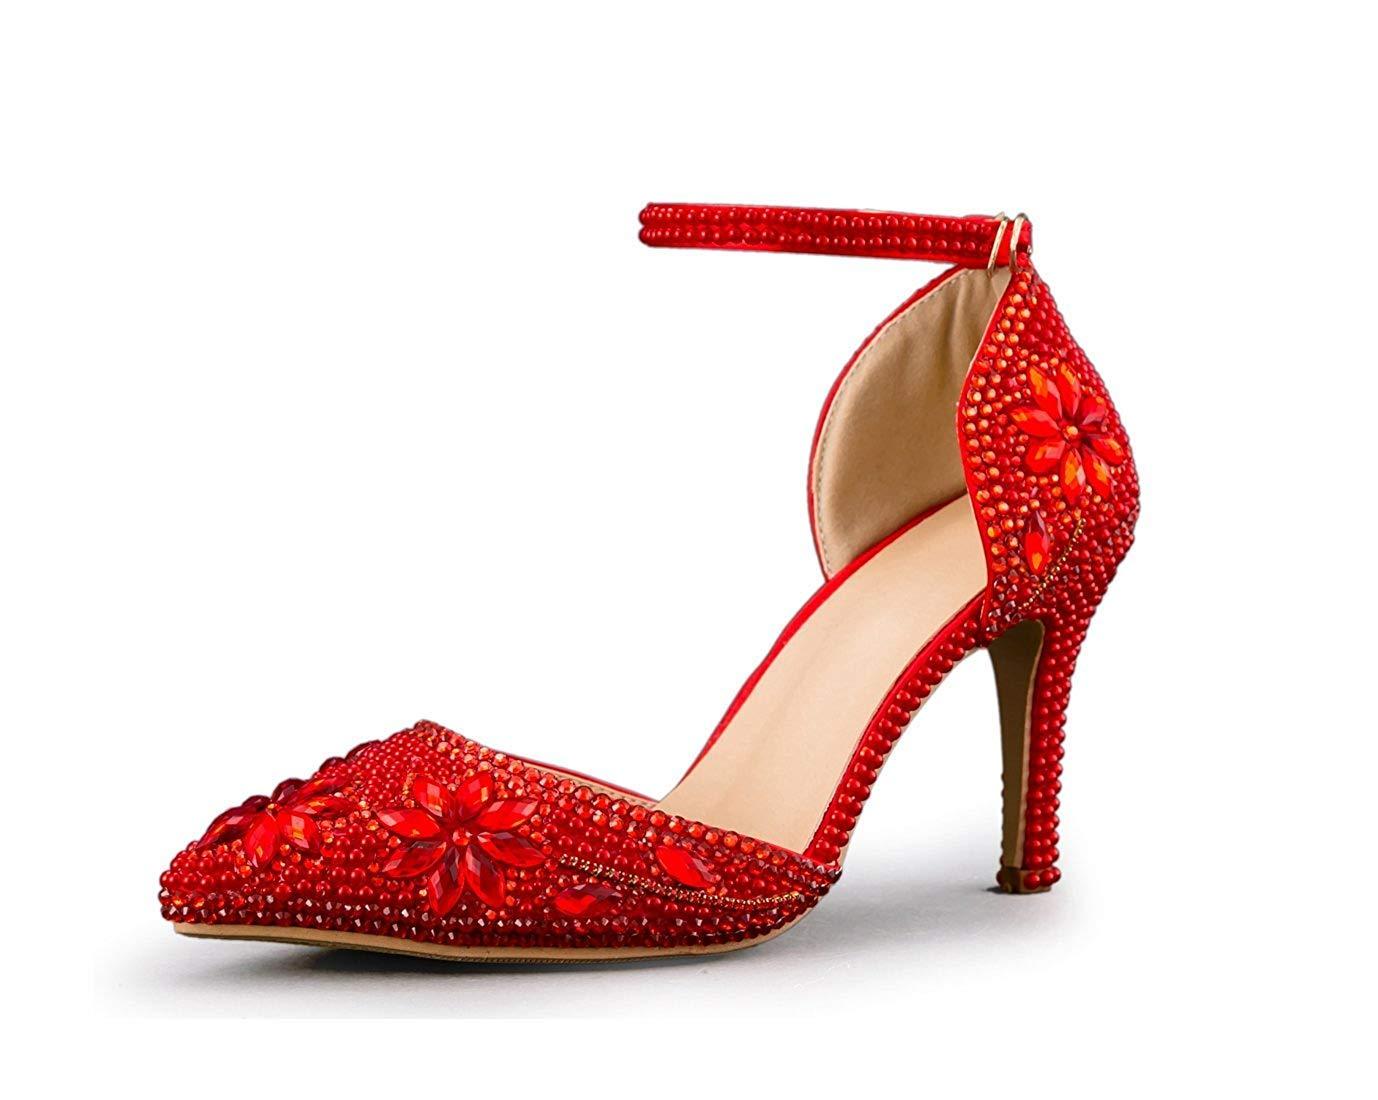 Qiusa Damen Schnalle handgefertigt handgefertigt handgefertigt Spitz Kristalle Hochzeit Schuhe (Farbe   rot-9cm Heel Größe   4 UK) d625c5